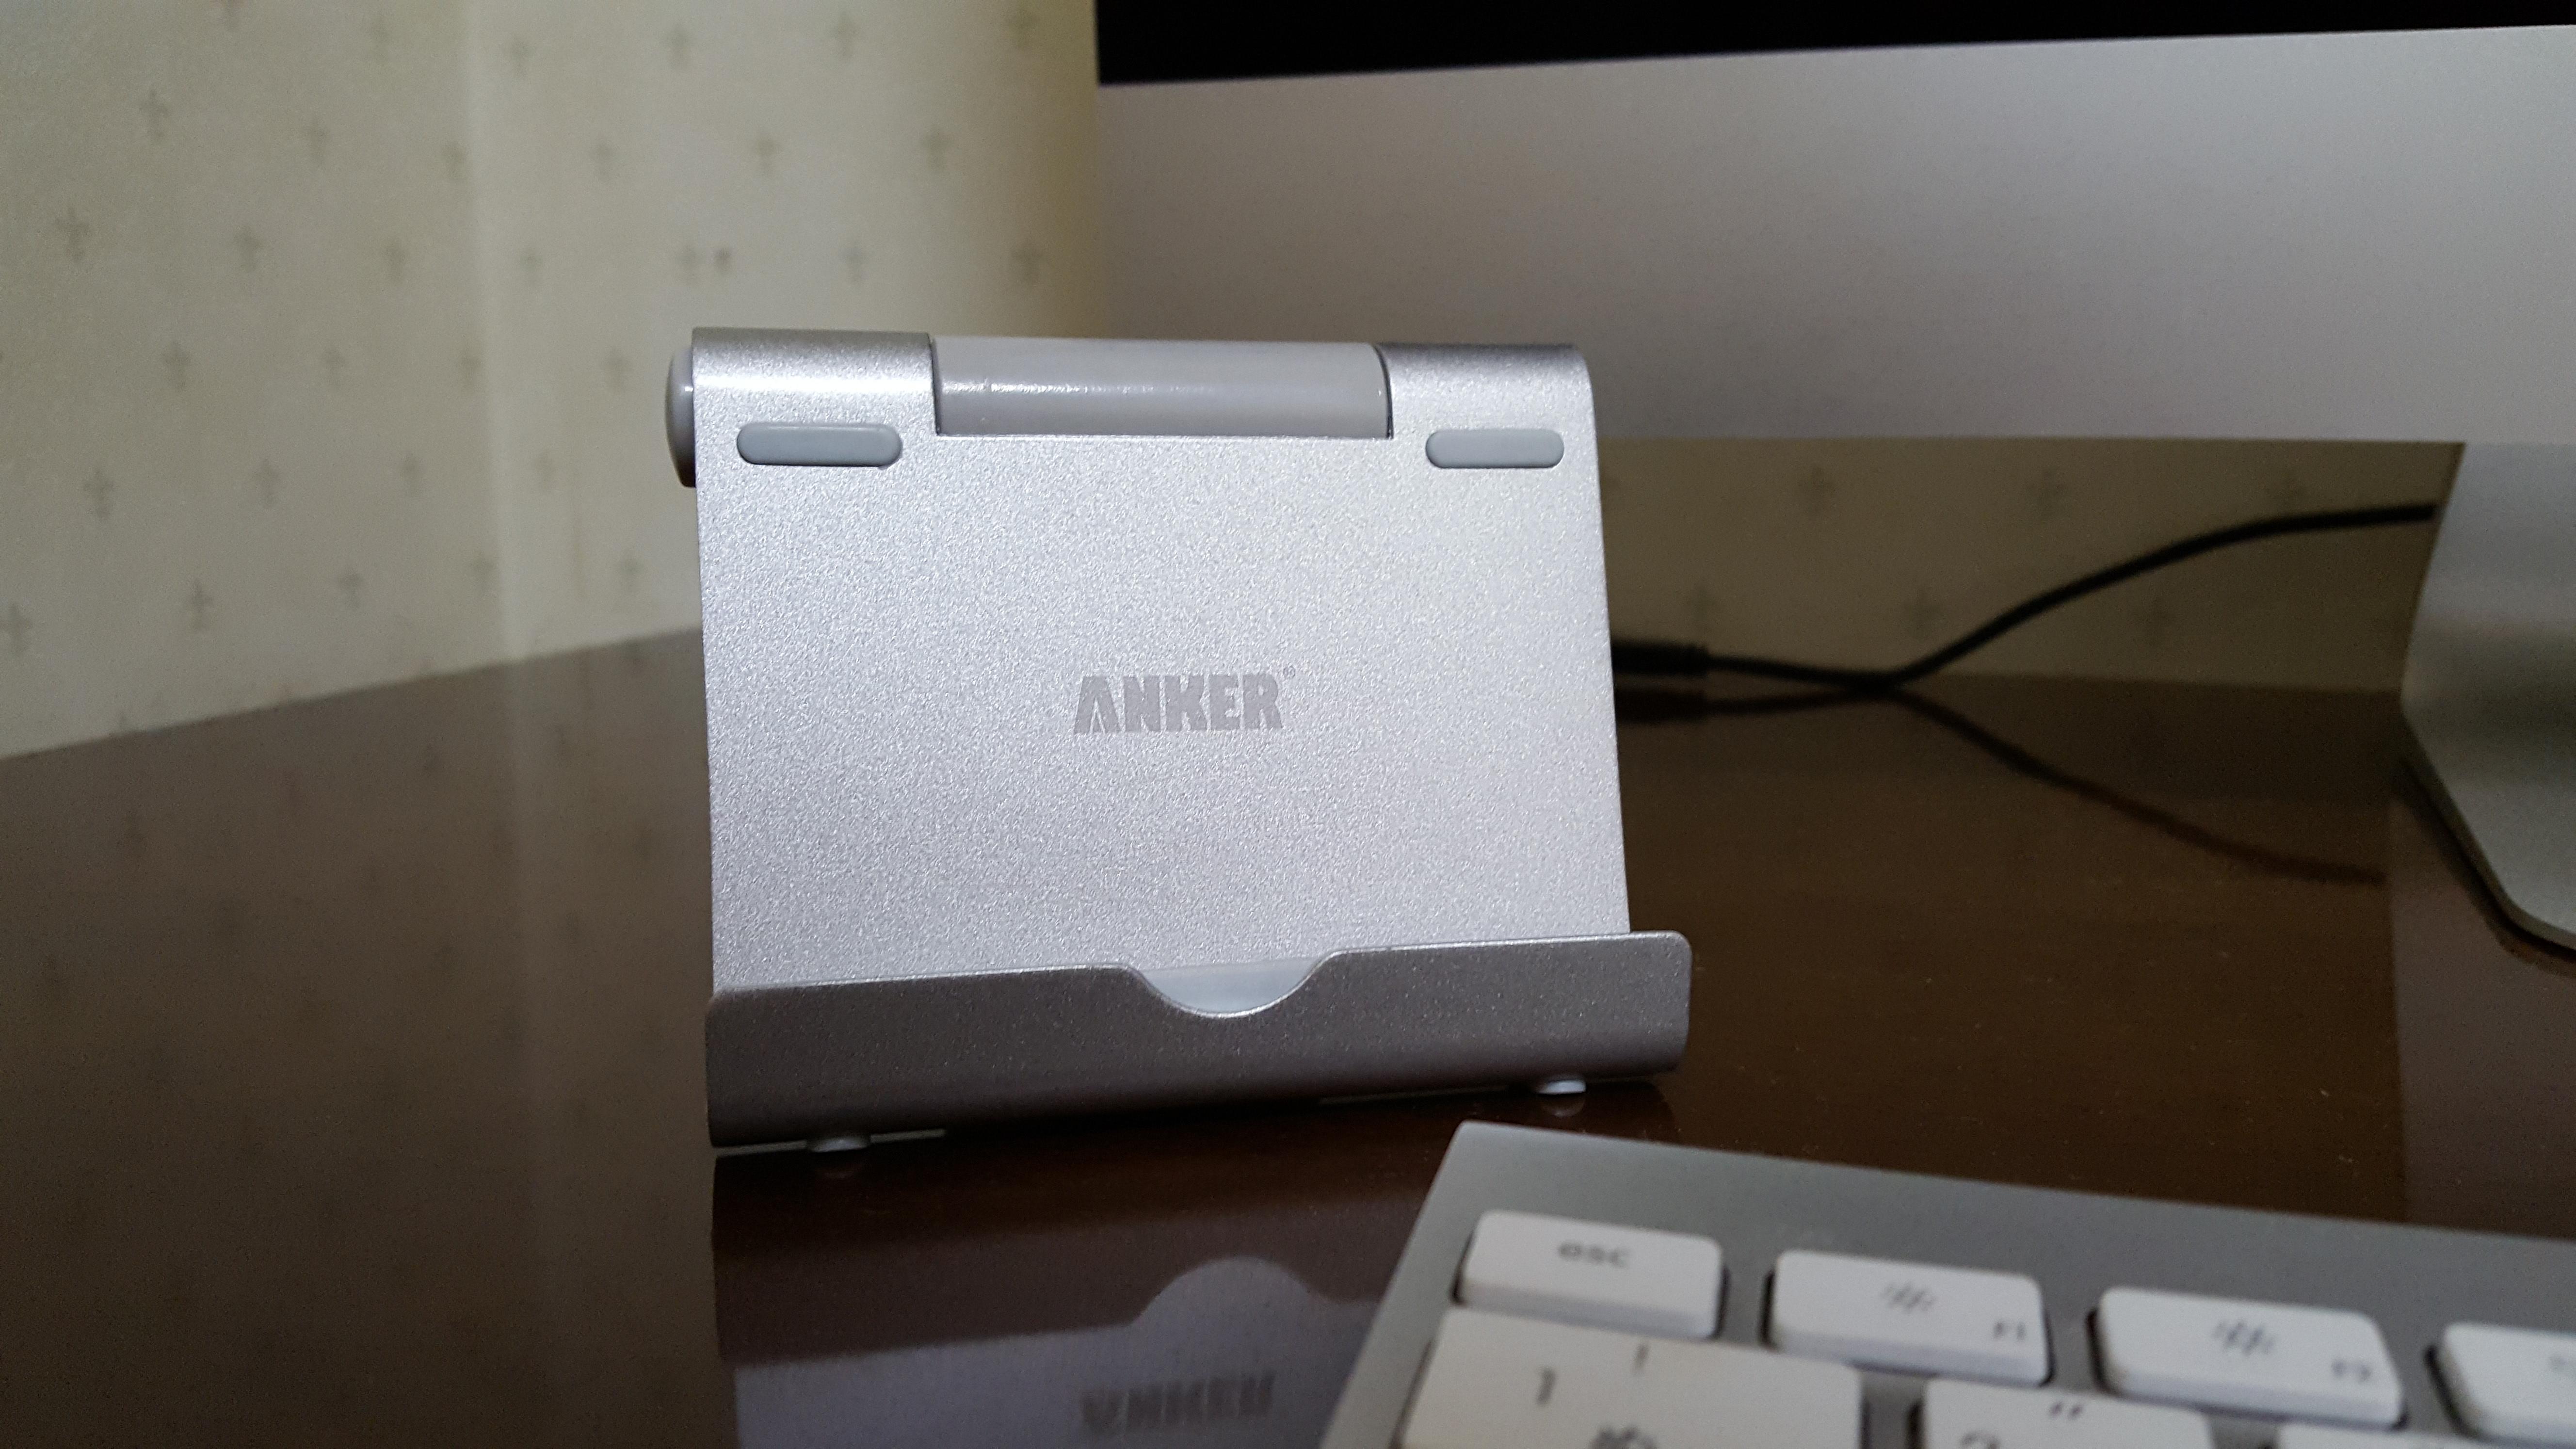 持っておいて絶対に損なし! Anker「タブレットスタンド」をレビュー!